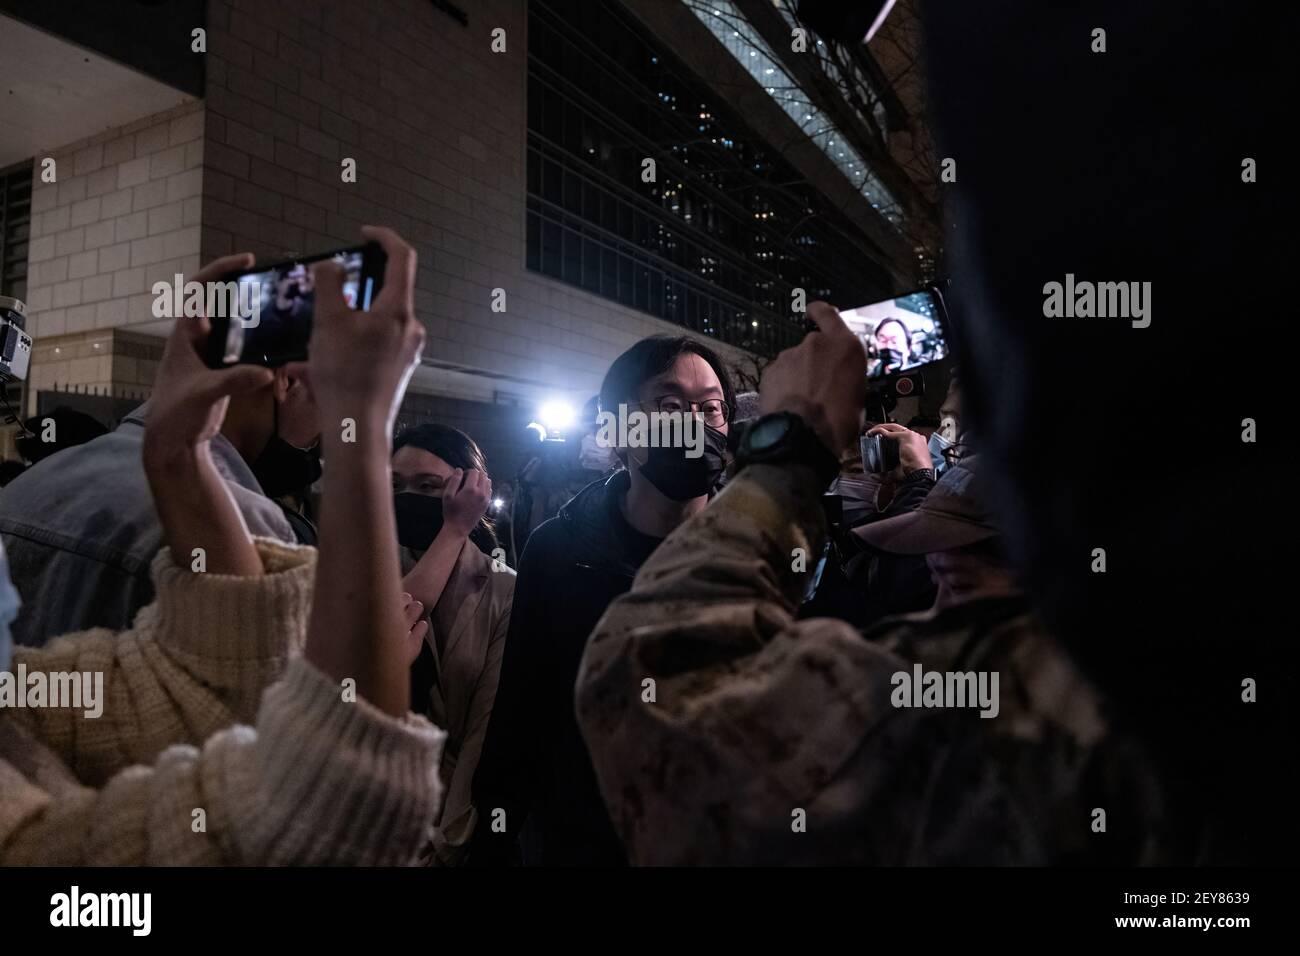 Le militant pro-démocratie Mike Lam quitte le tribunal de West Kowloon après avoir été libéré sous caution.quatre des 47 activistes pro-démocratie accusés de subversion en vertu de la loi sur la sécurité nationale sont libérés sous caution, après que le ministère de la Justice a retiré son appel contre la décision du tribunal de les accorder et 11 autres. Banque D'Images